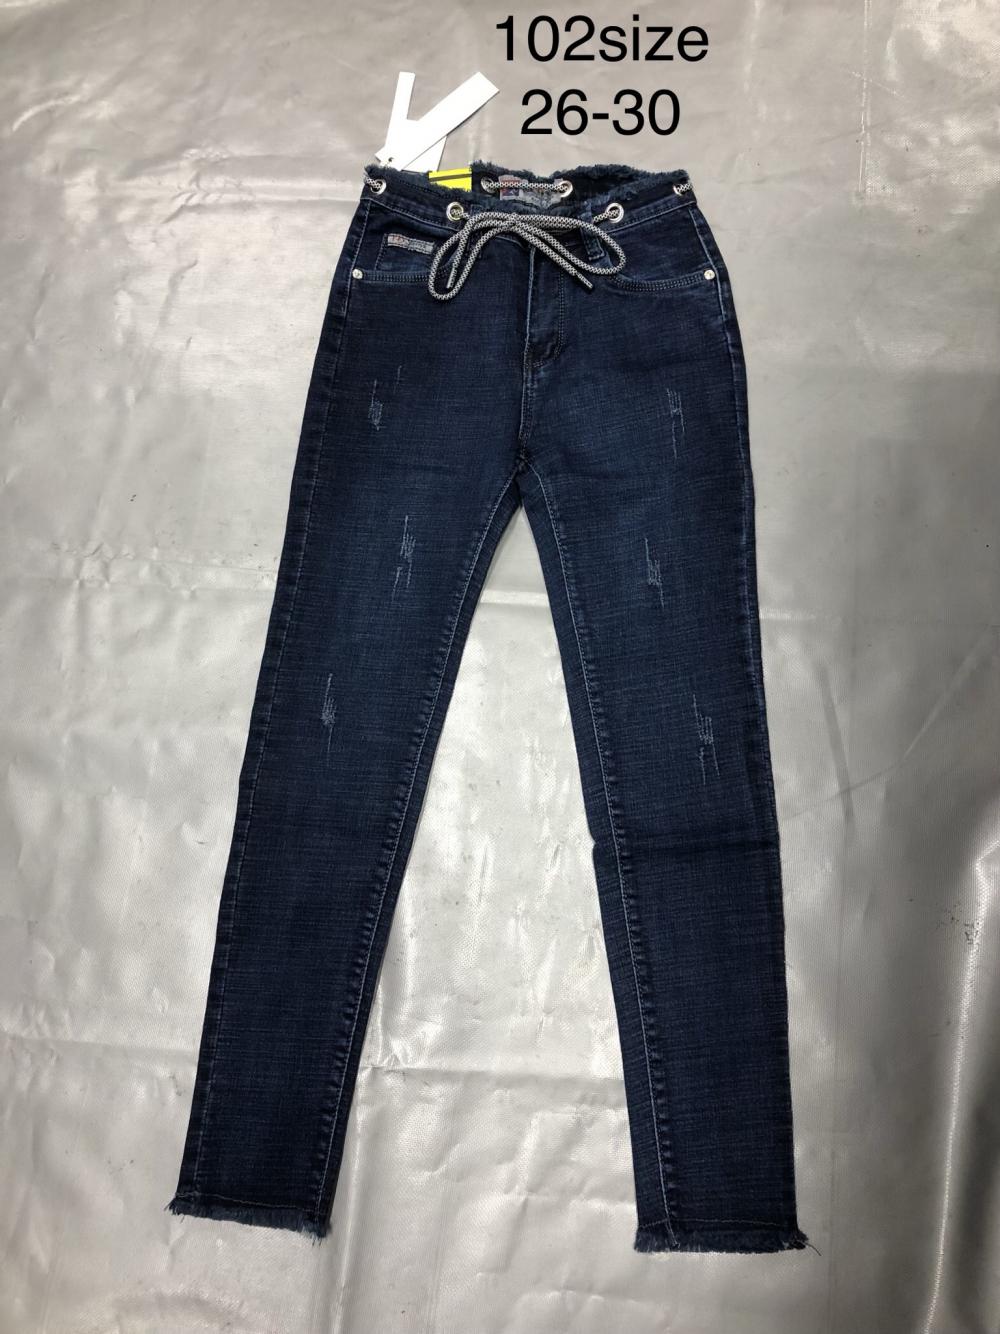 Quần jean nữ dài 102